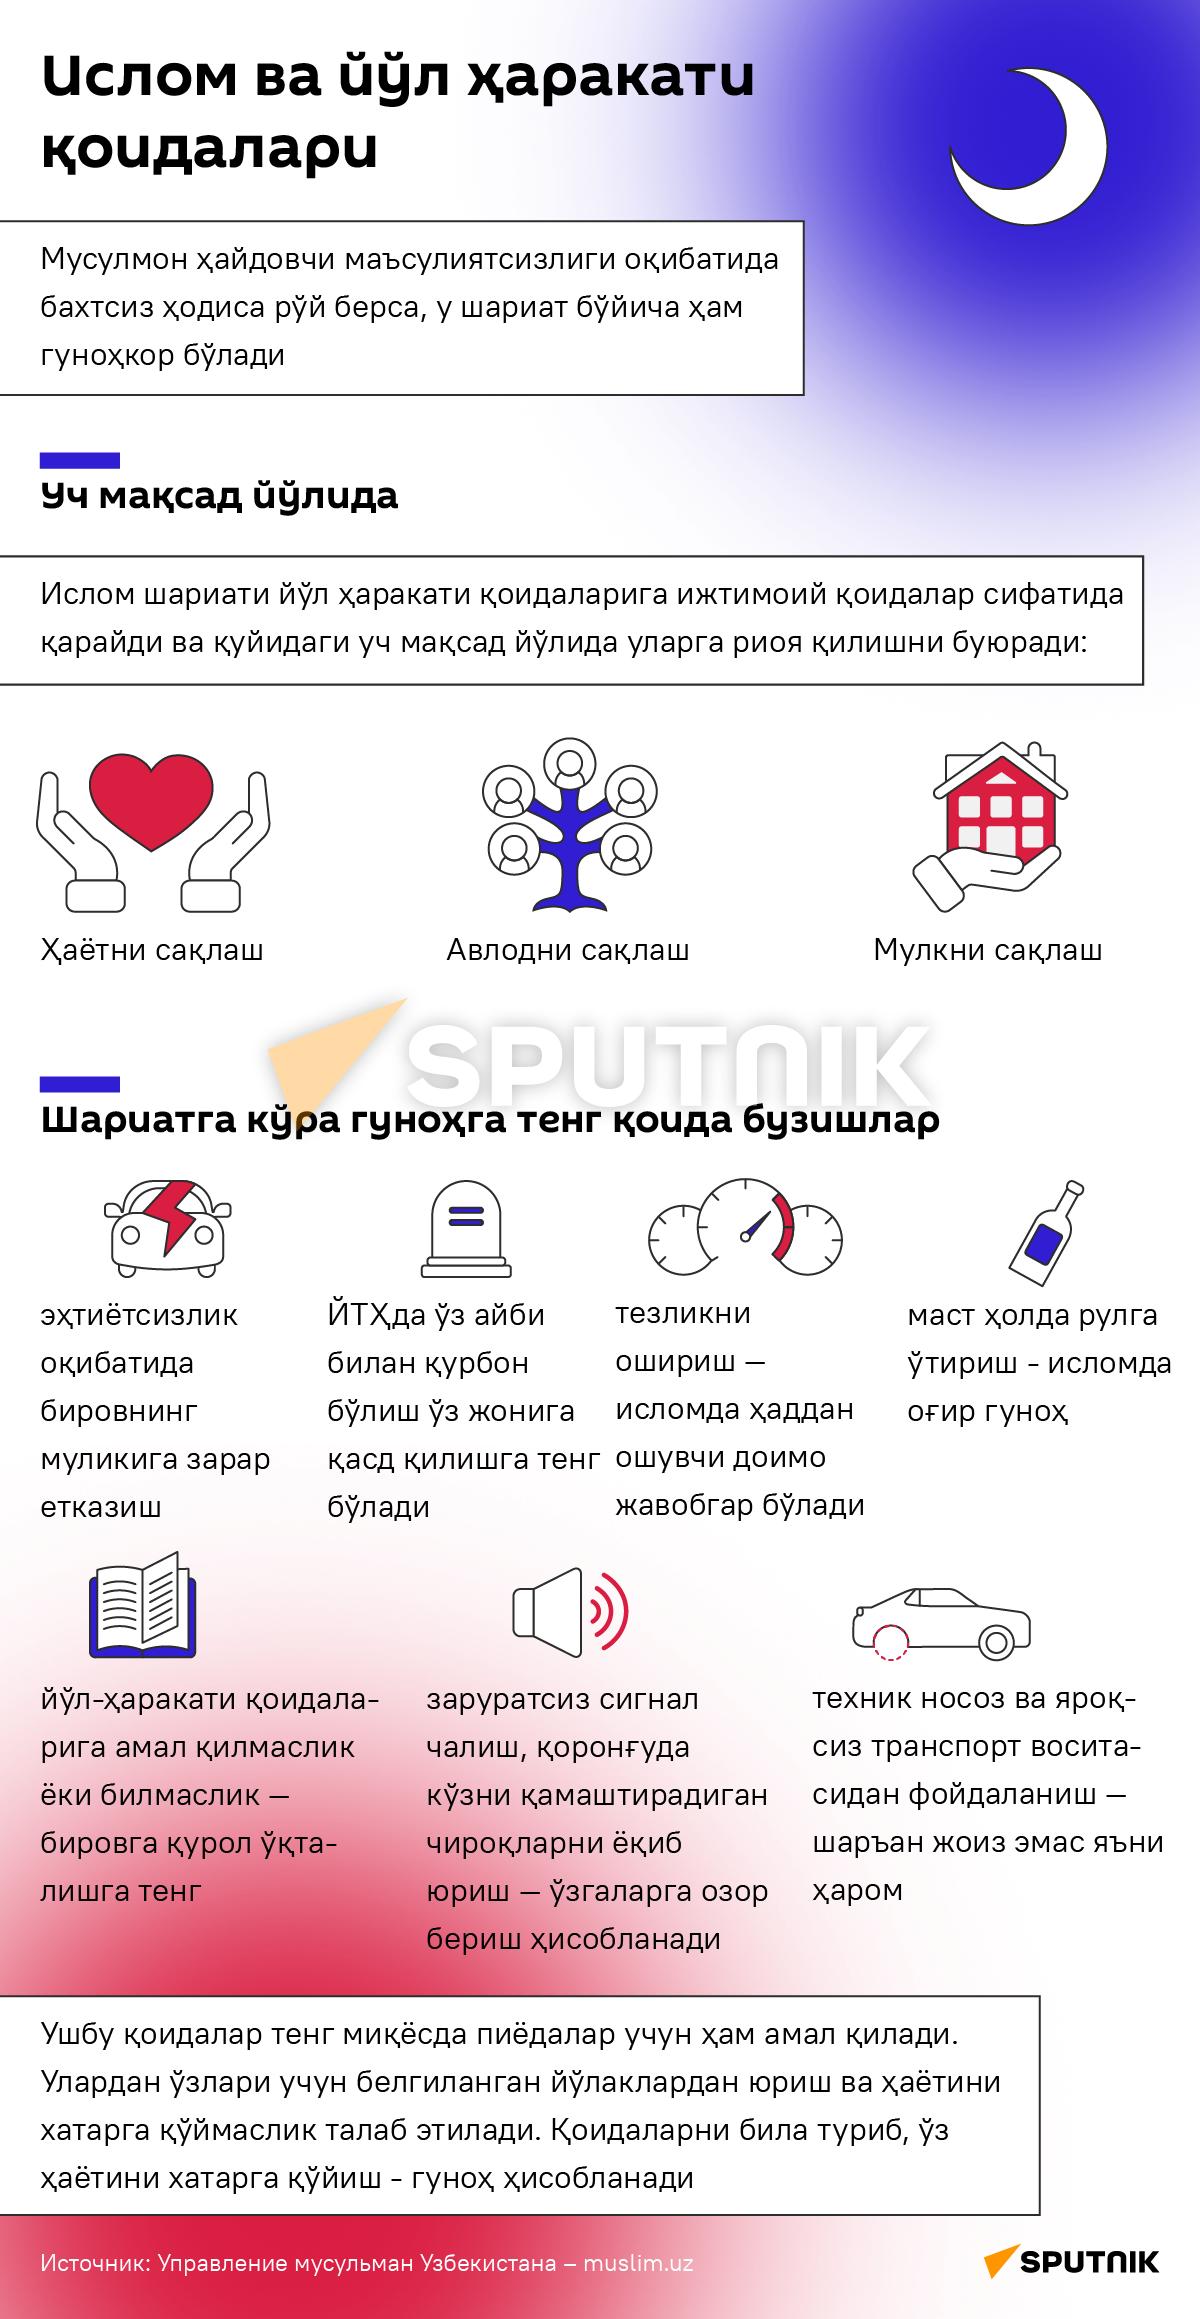 Ислам и ПДД уз десктоп - Sputnik Ўзбекистон